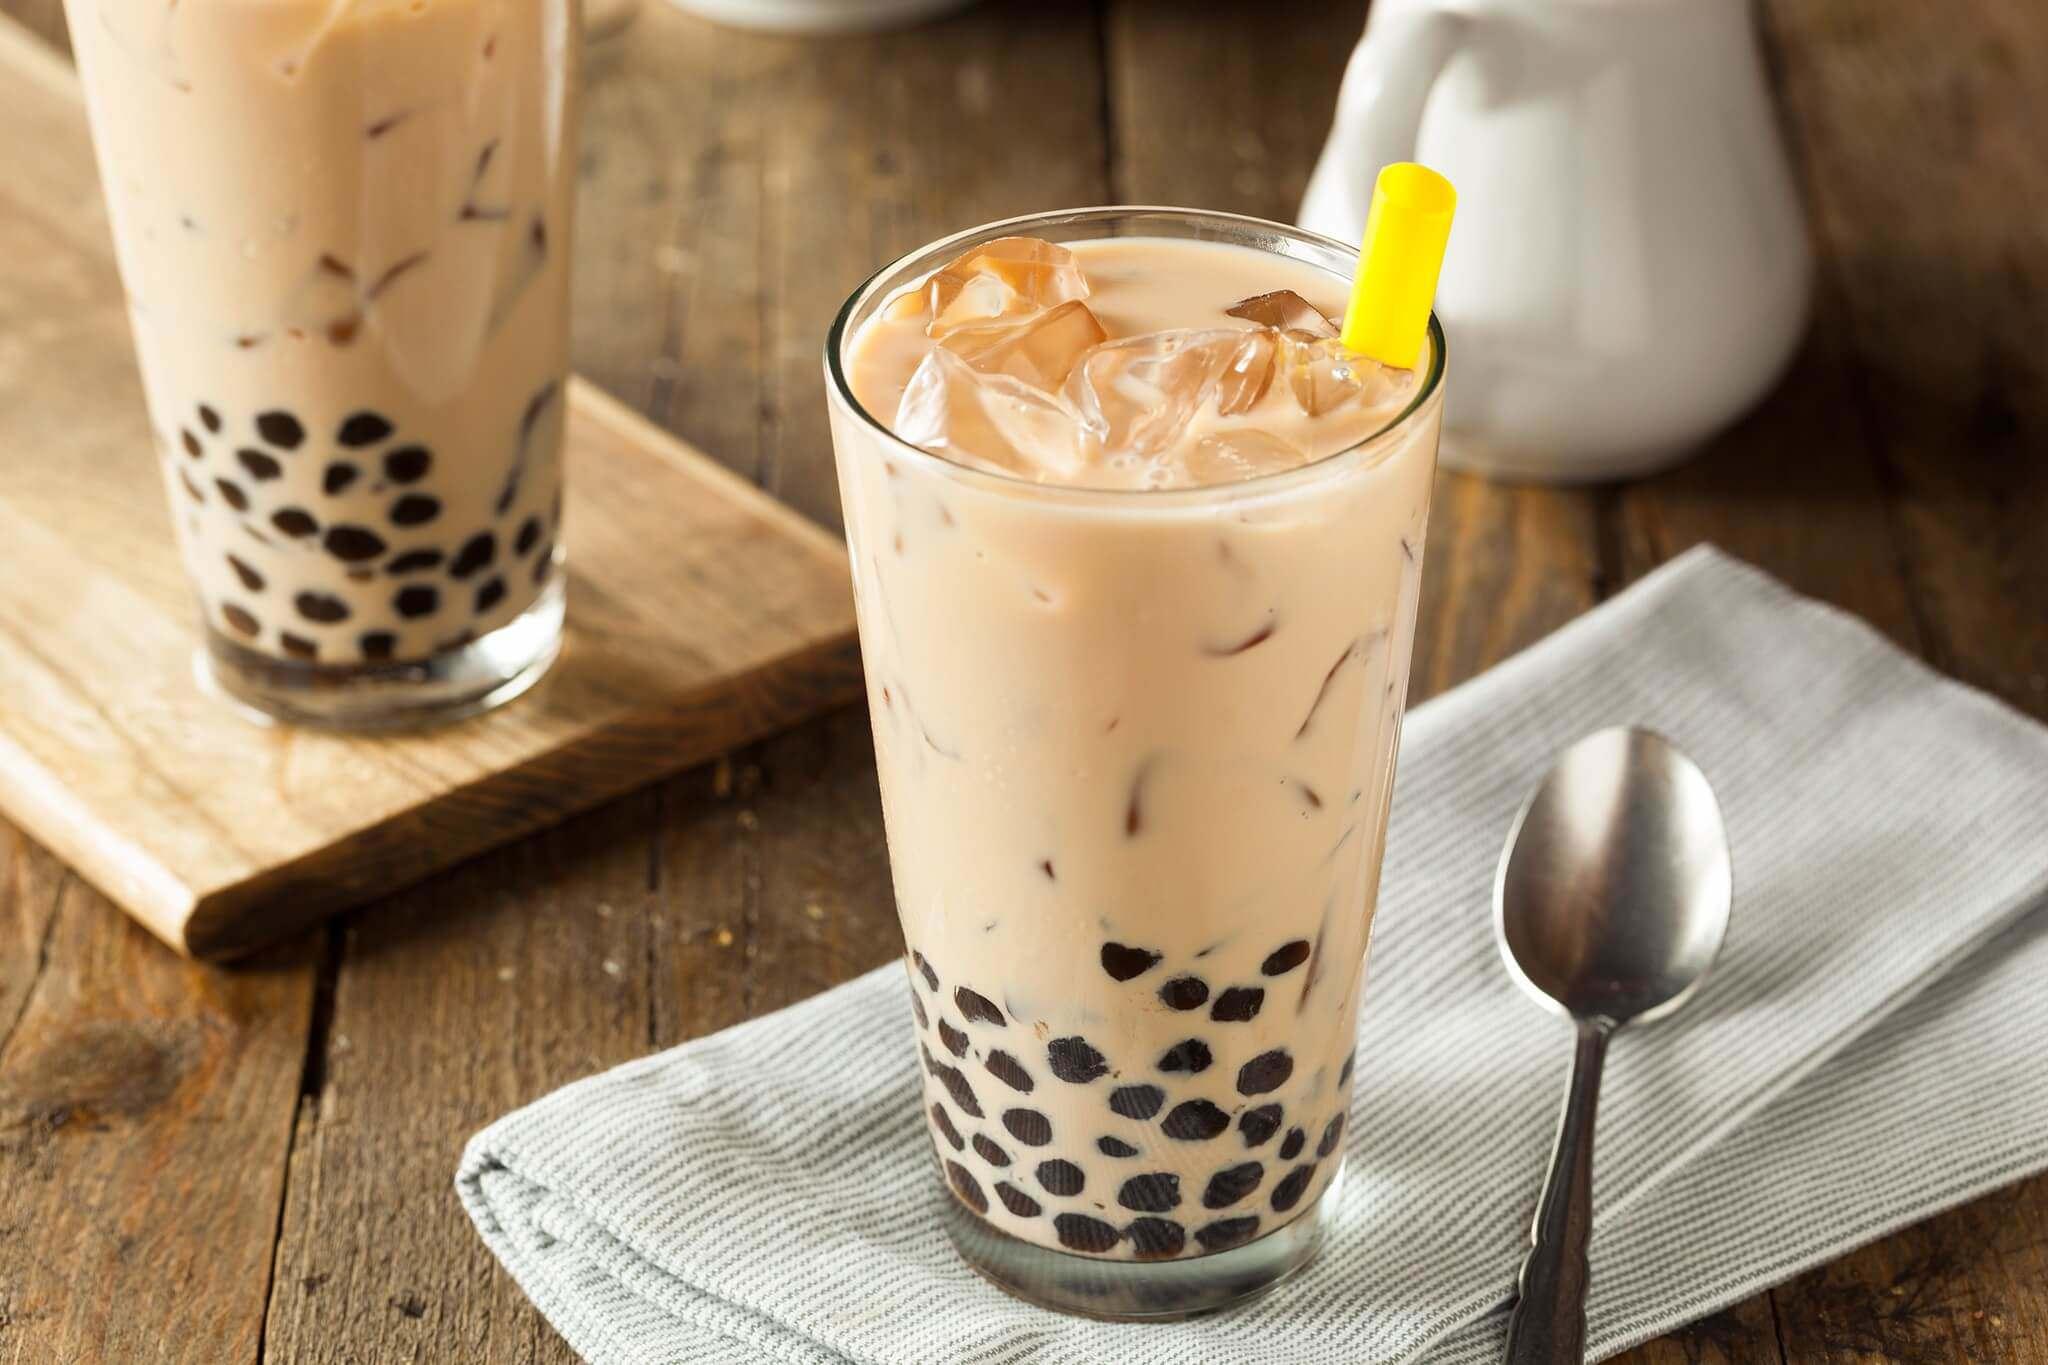 Mẹo hay dành cho các amp;#34;thánh nghiệnamp;#34;: cách uống trà sữa không béo - 1